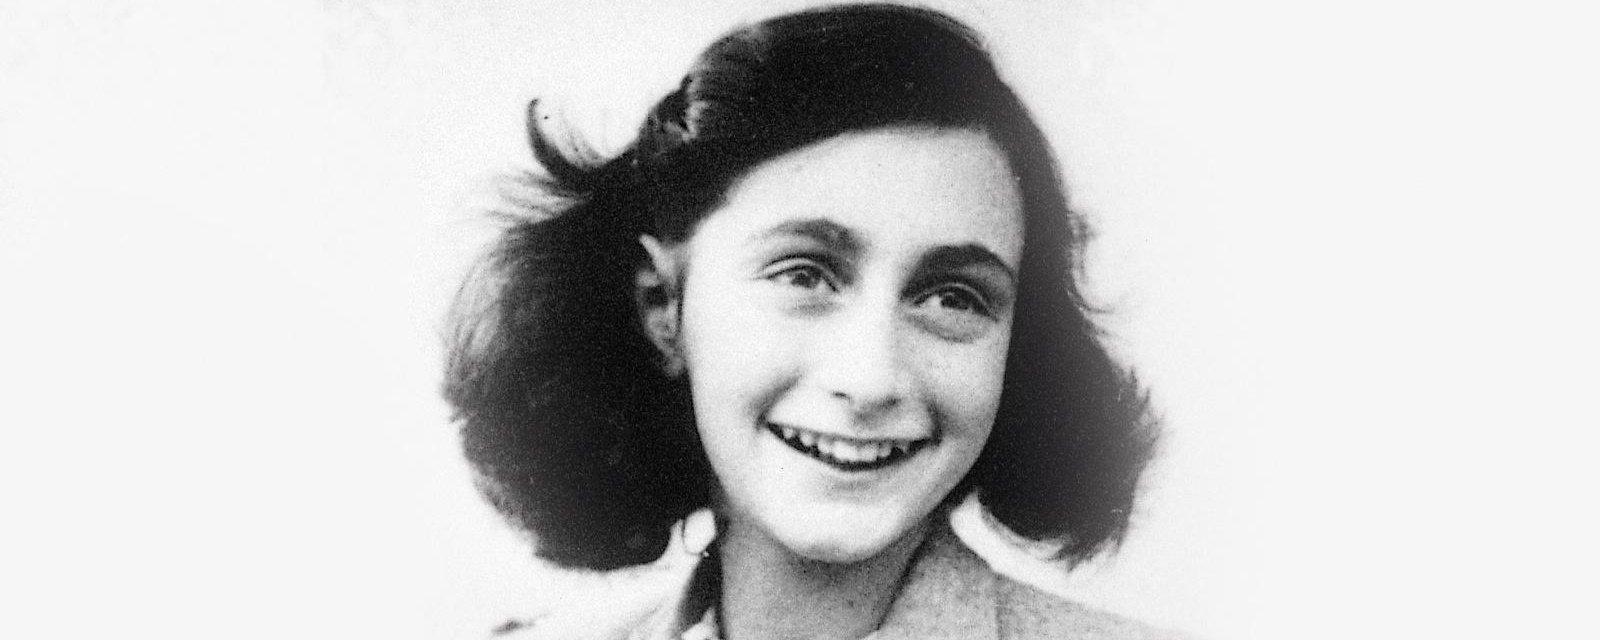 Inteligência artificial tenta descobrir quem traiu Anne Frank